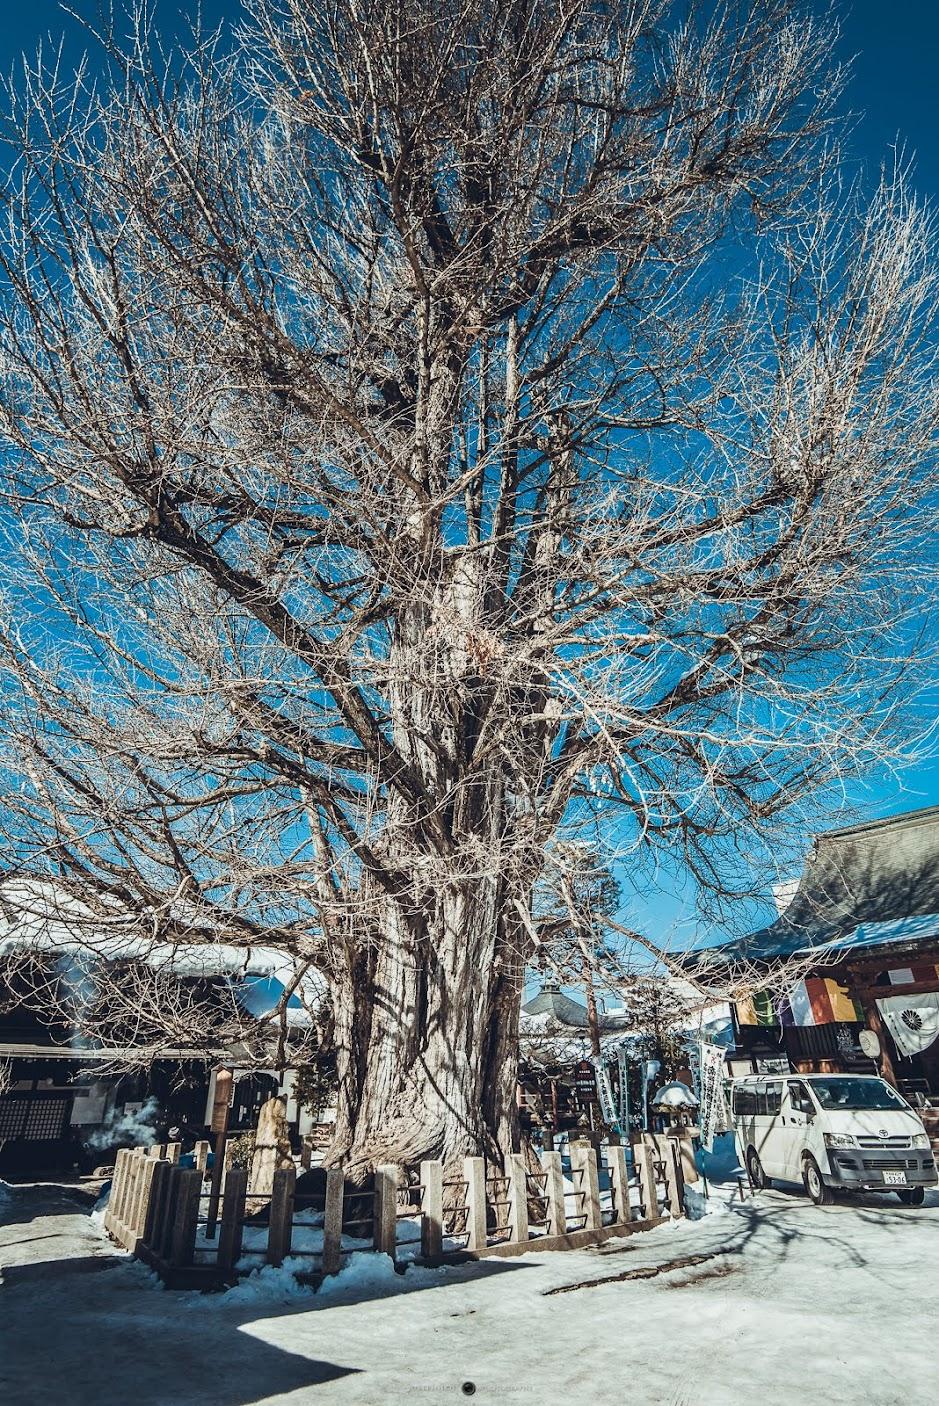 寺內巨大的銀杏樹樹齡超過千年,即便是冬天只剩殘枝還是非常壯觀。